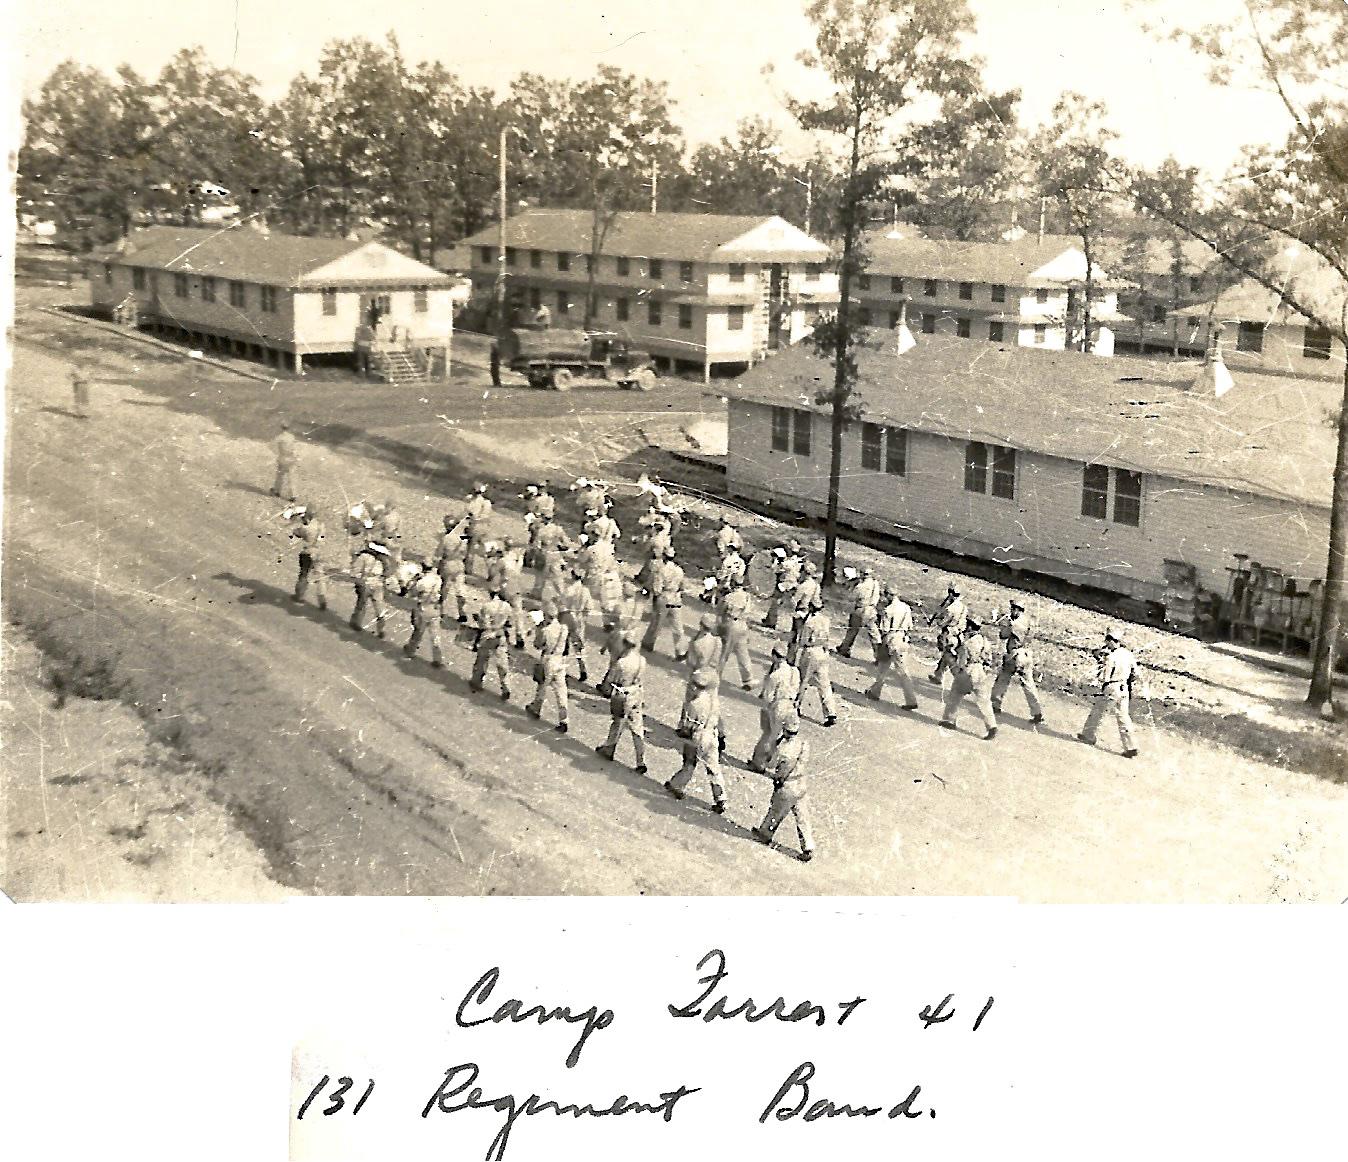 1941 Camp Forrest, 131 Regiment Band